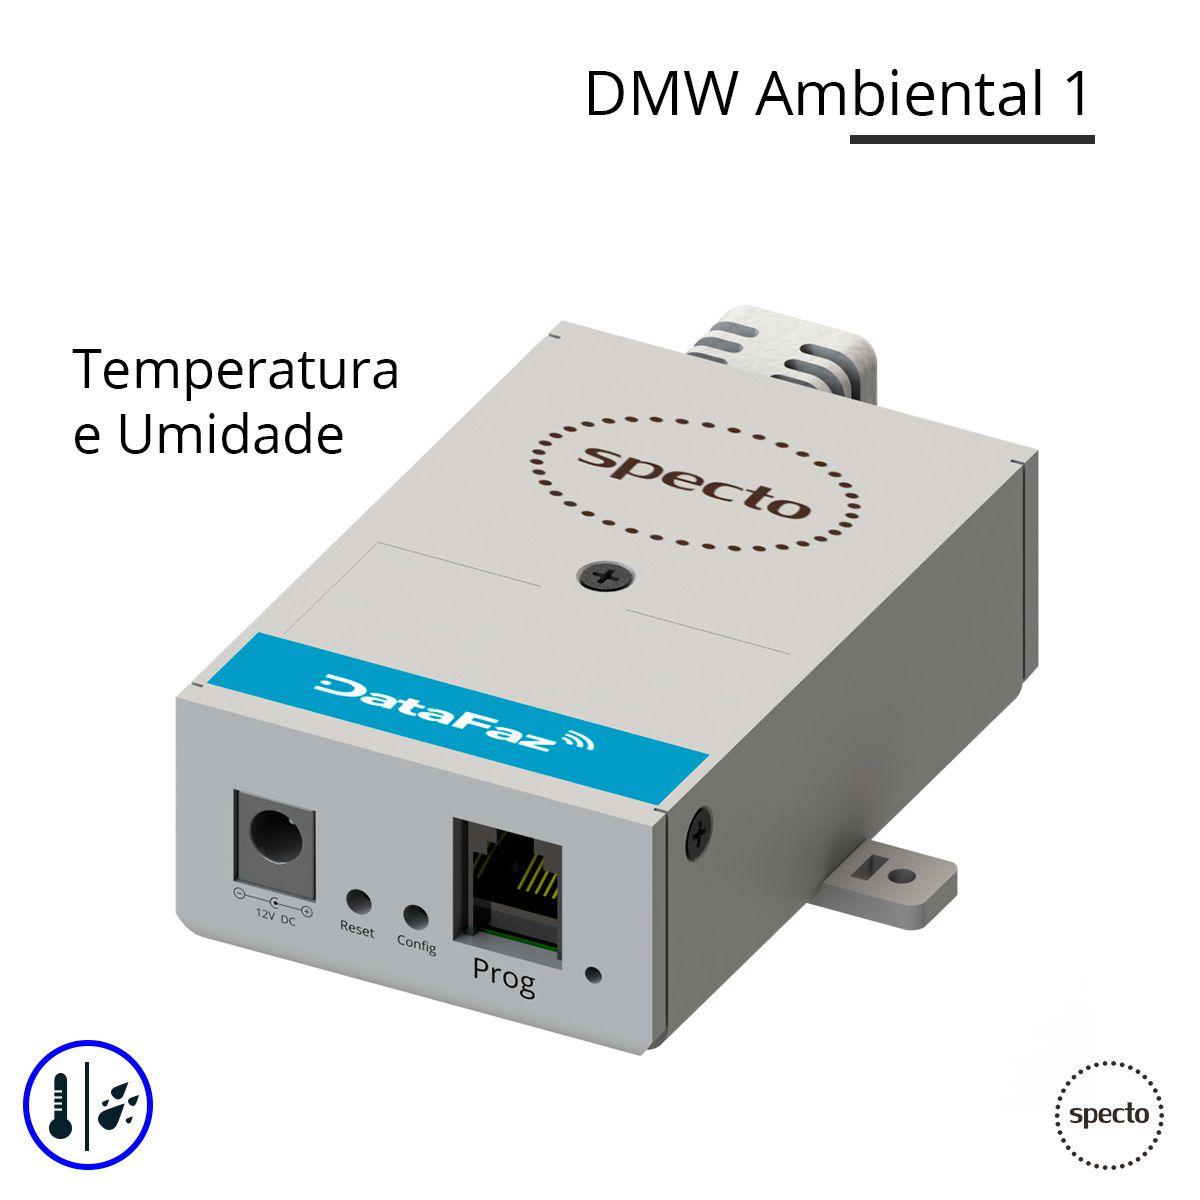 DataFaz ® UNITY WIRELESS - Temperatura e Umidade (Locação)  -  Specto Tecnologia